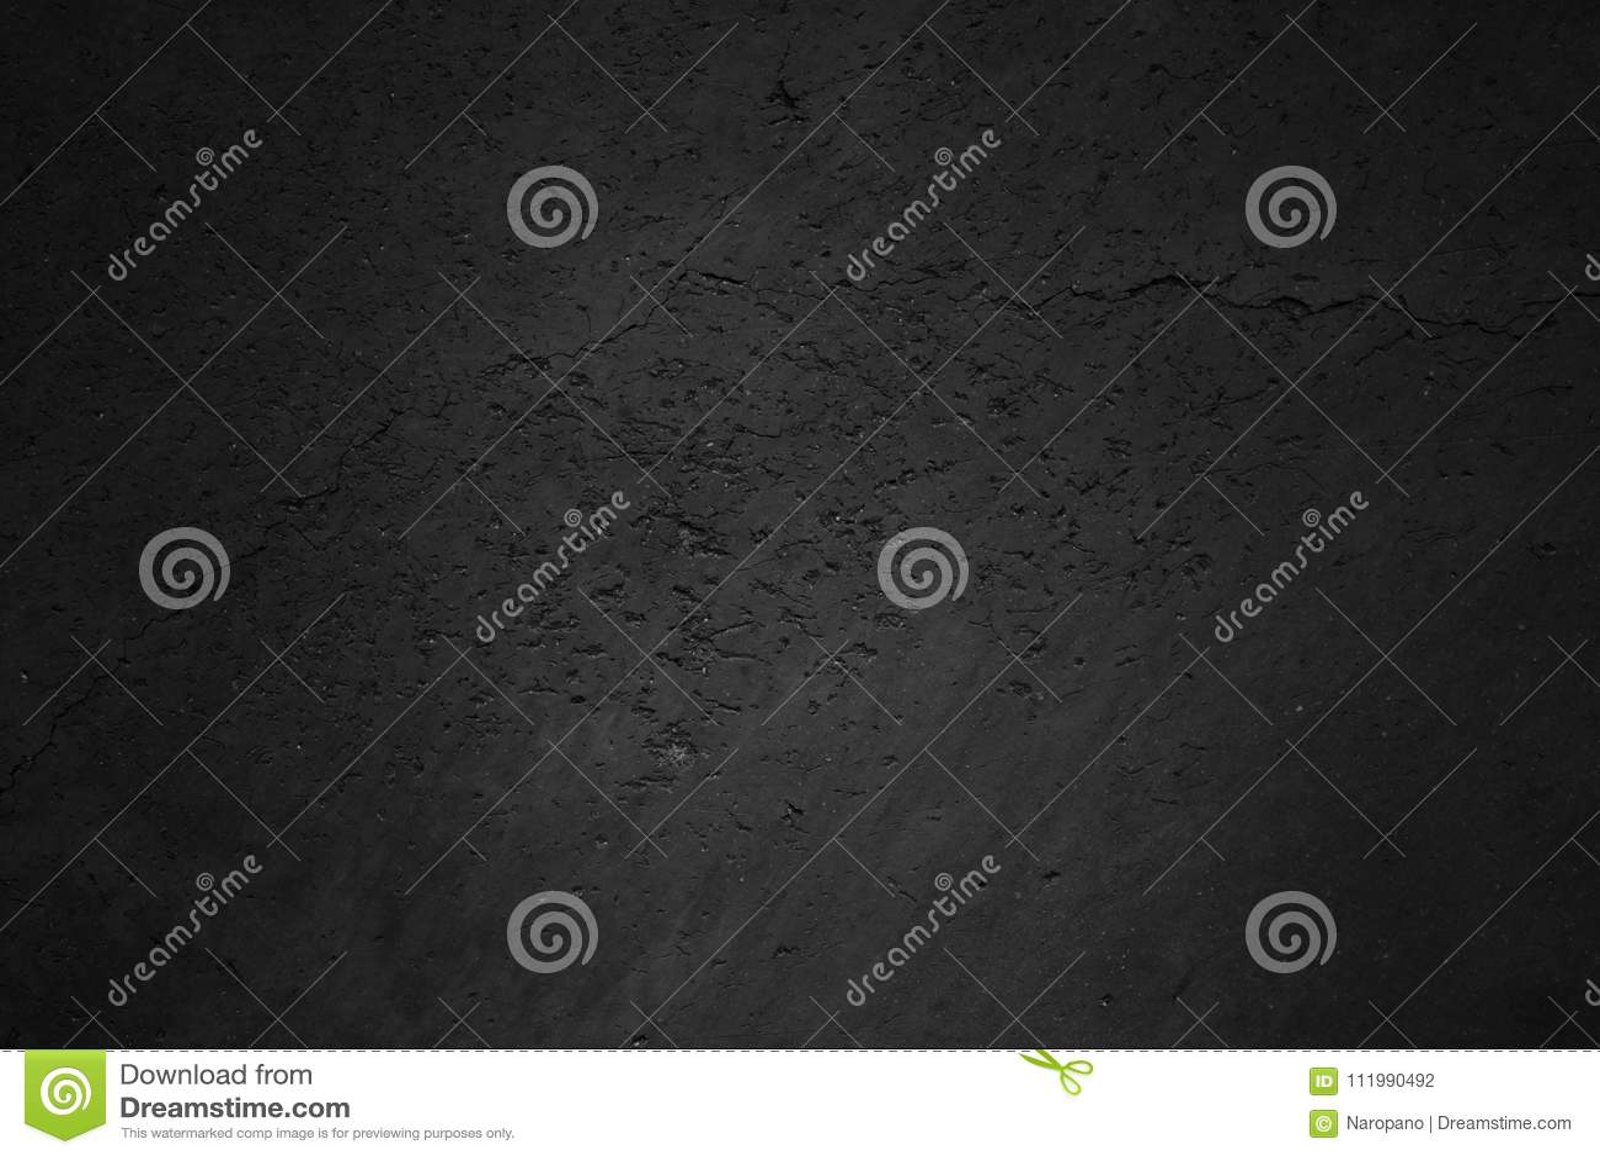 Dark background texture. Blank for design, dark edges.